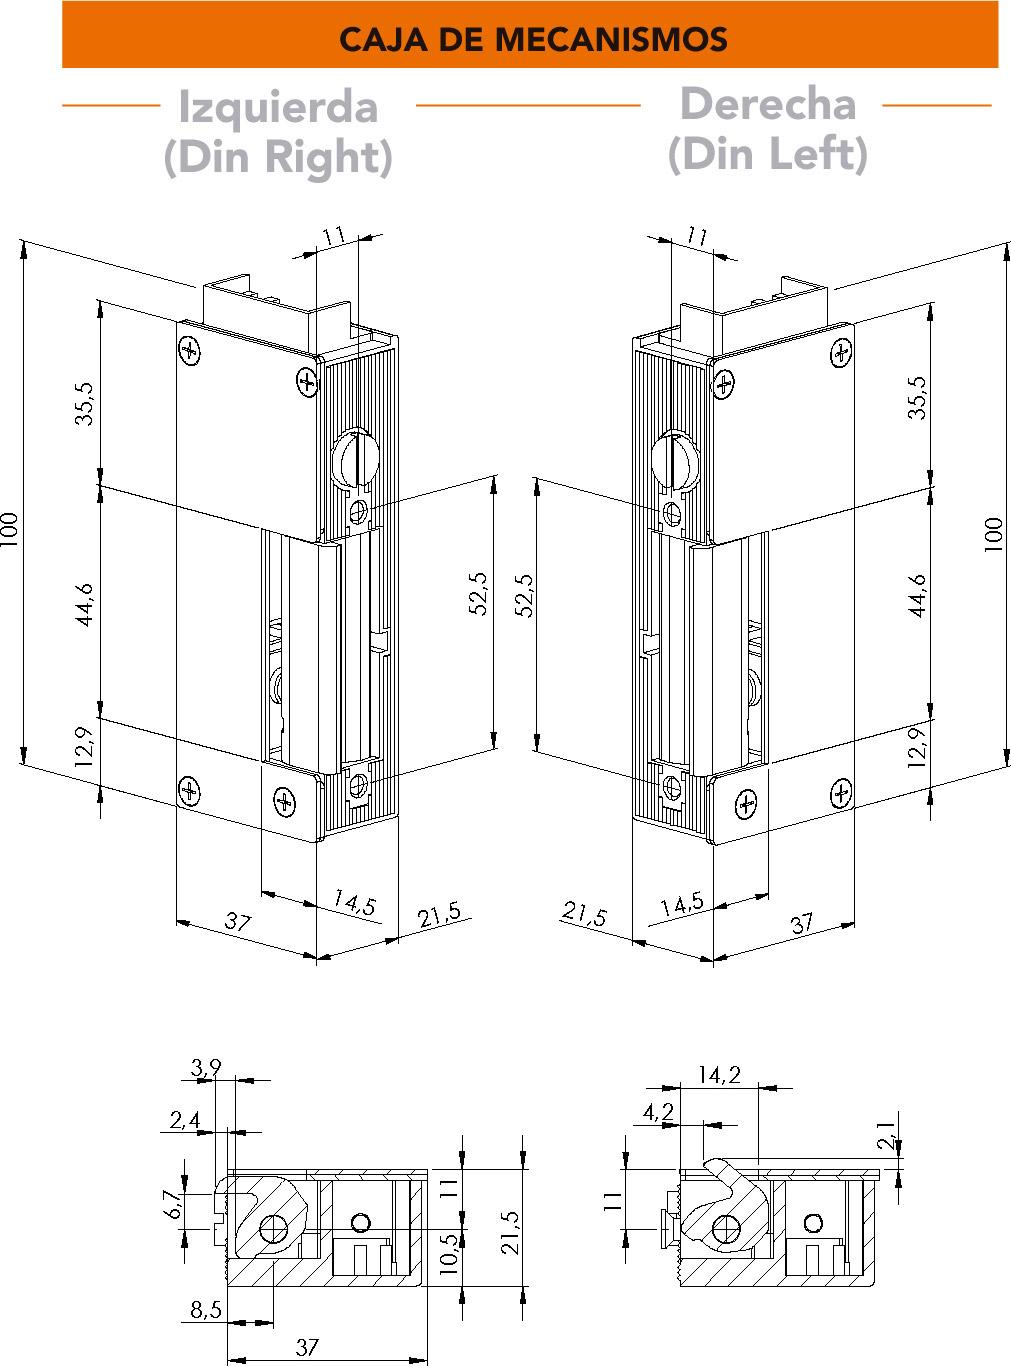 S62_mecanismos